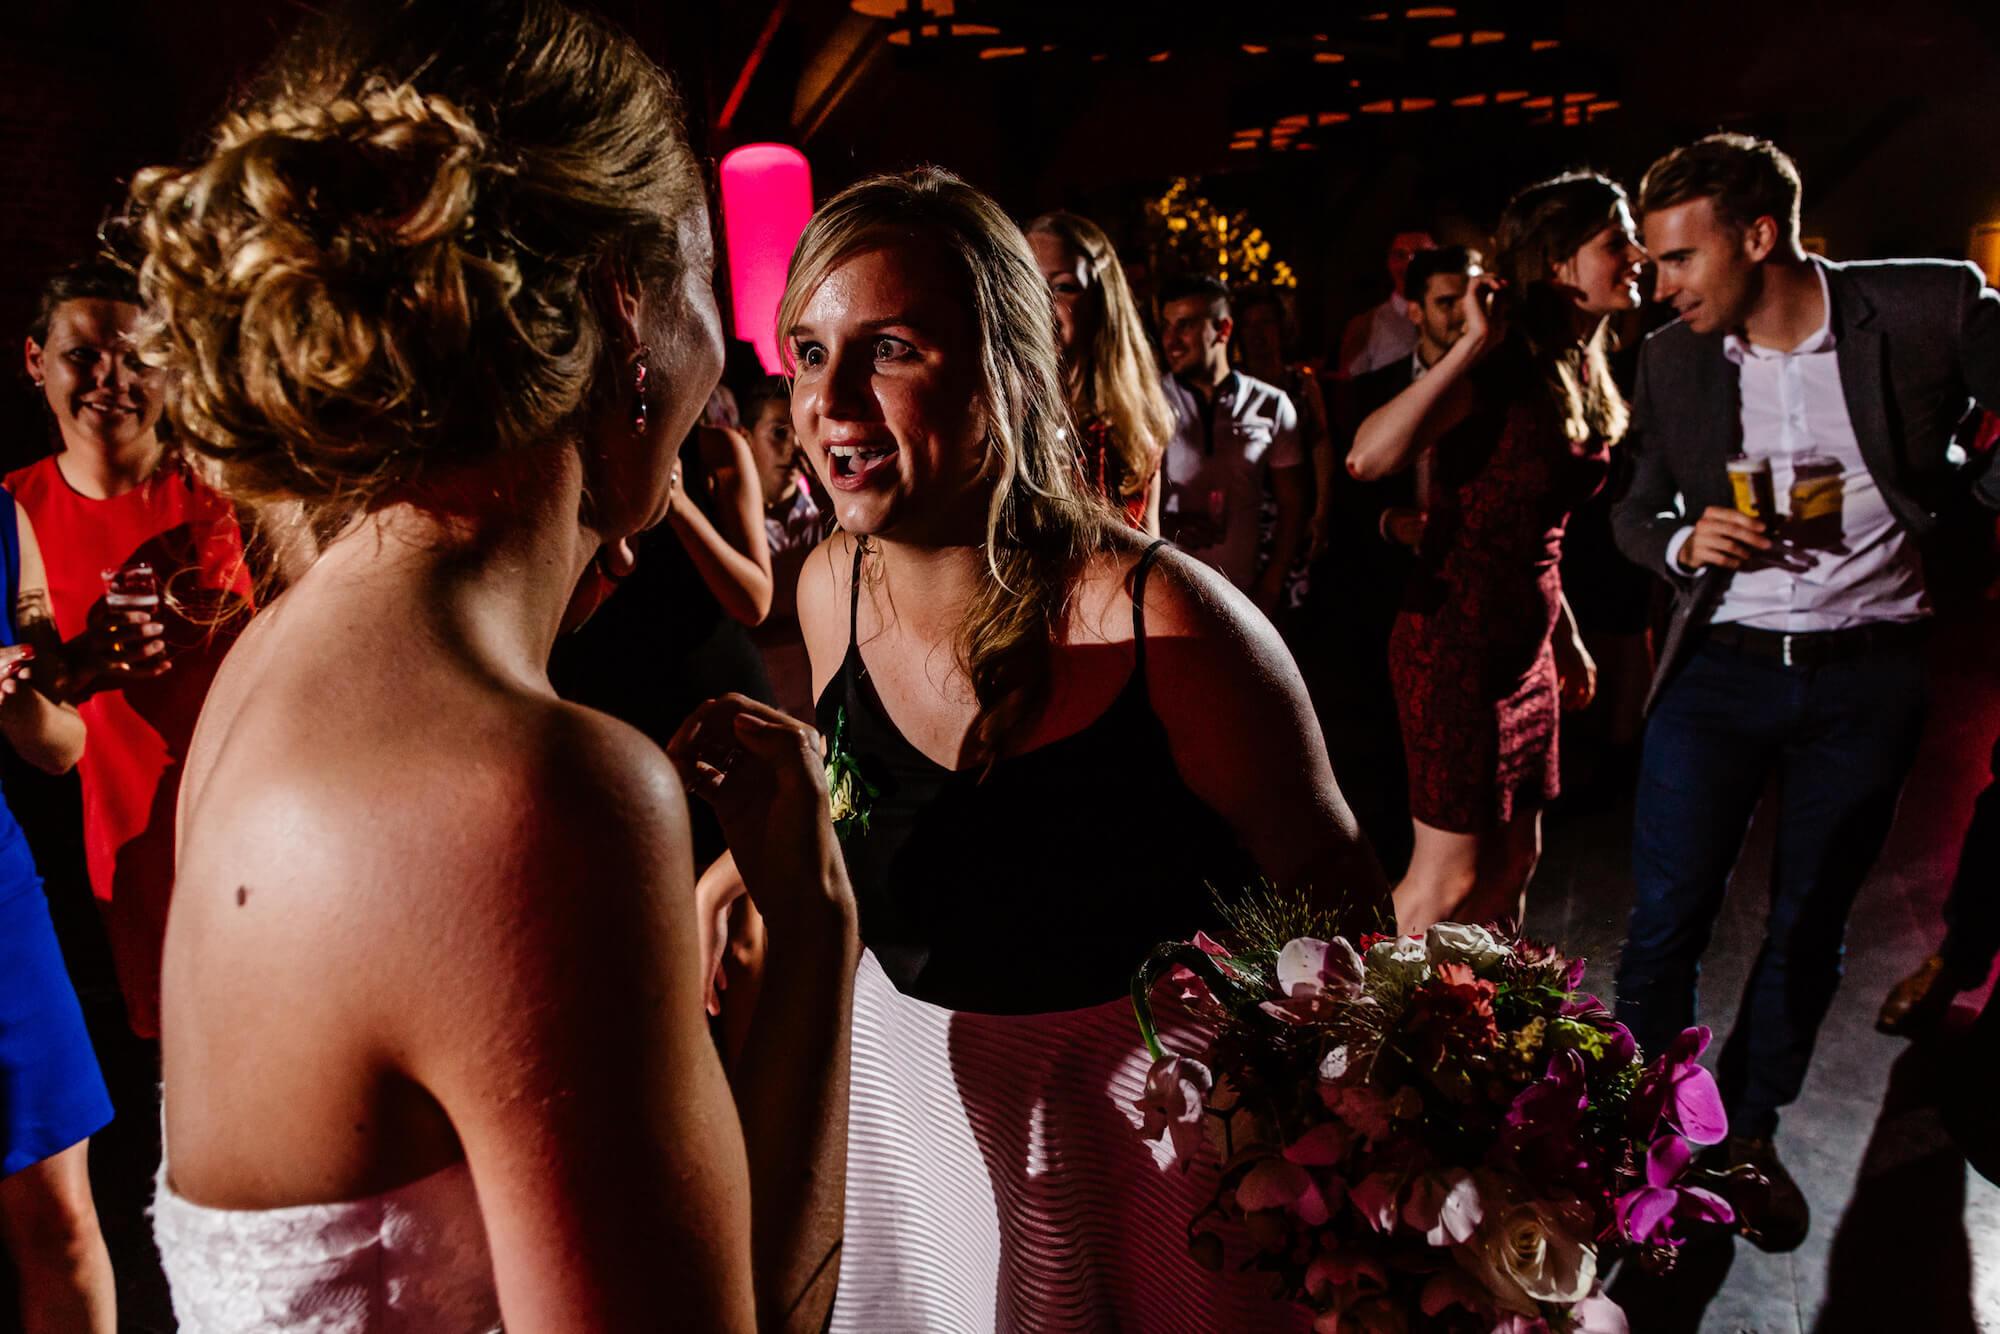 griekse-bruiloft-trouwfotograaf-utrecht-53.jpg